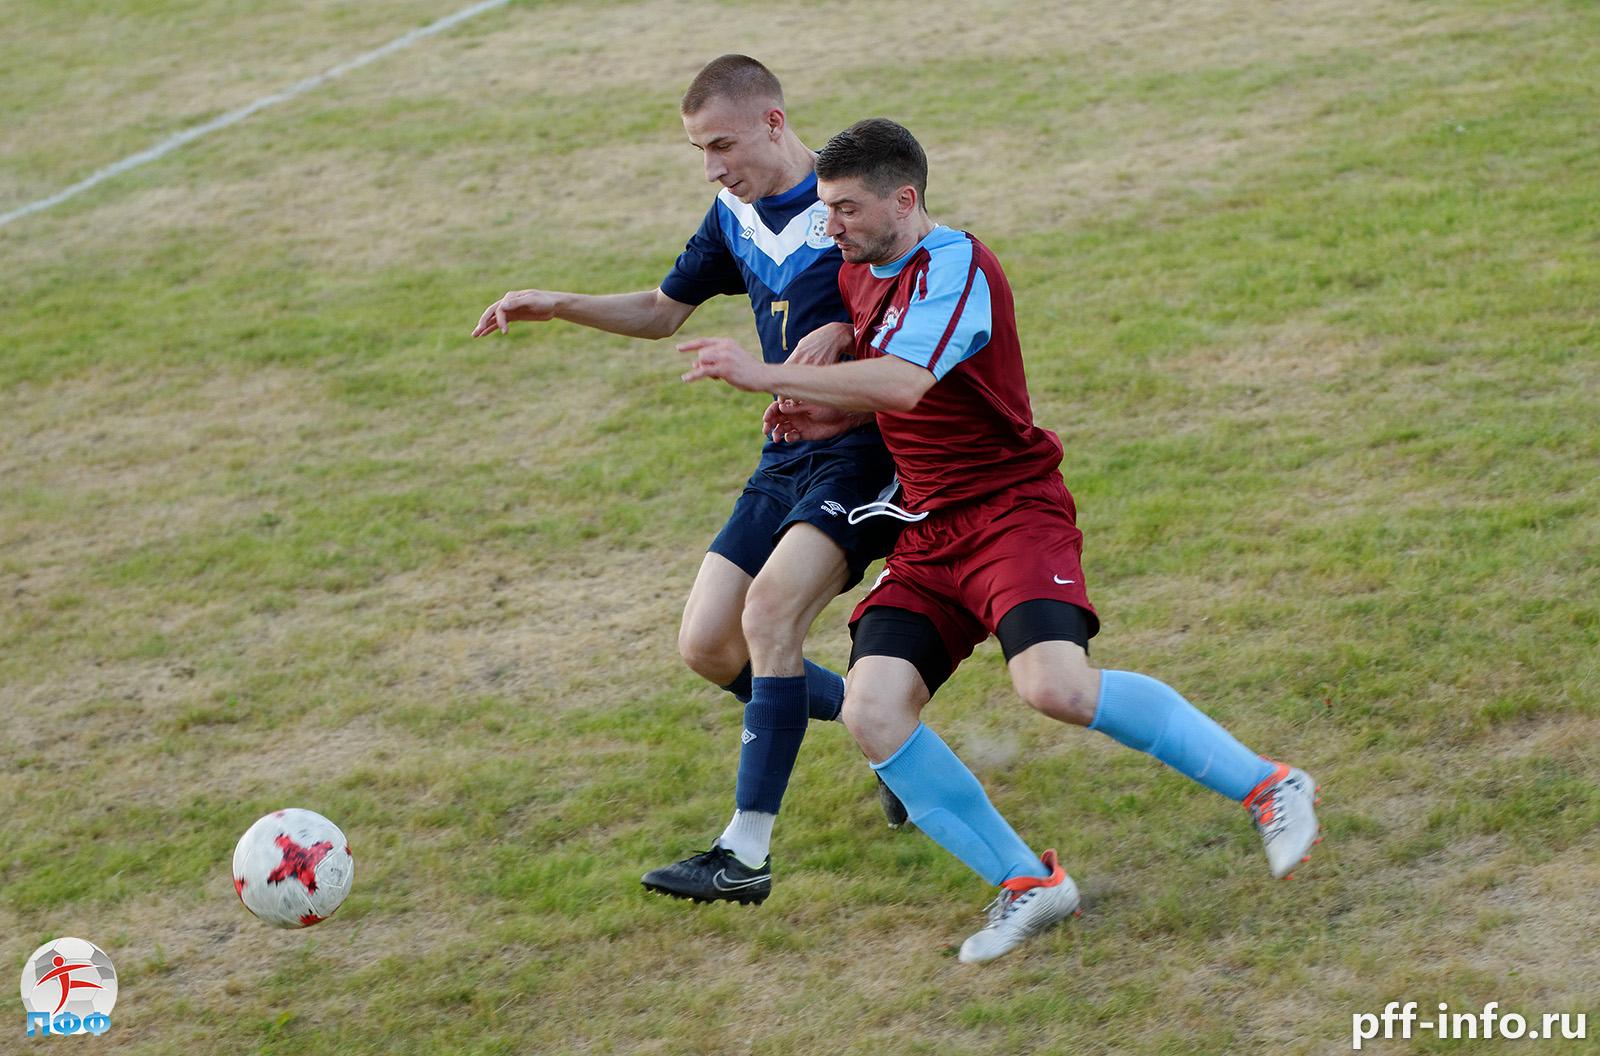 Чемпионат Подольска по футболу: решающие матчи в борьбе за медали